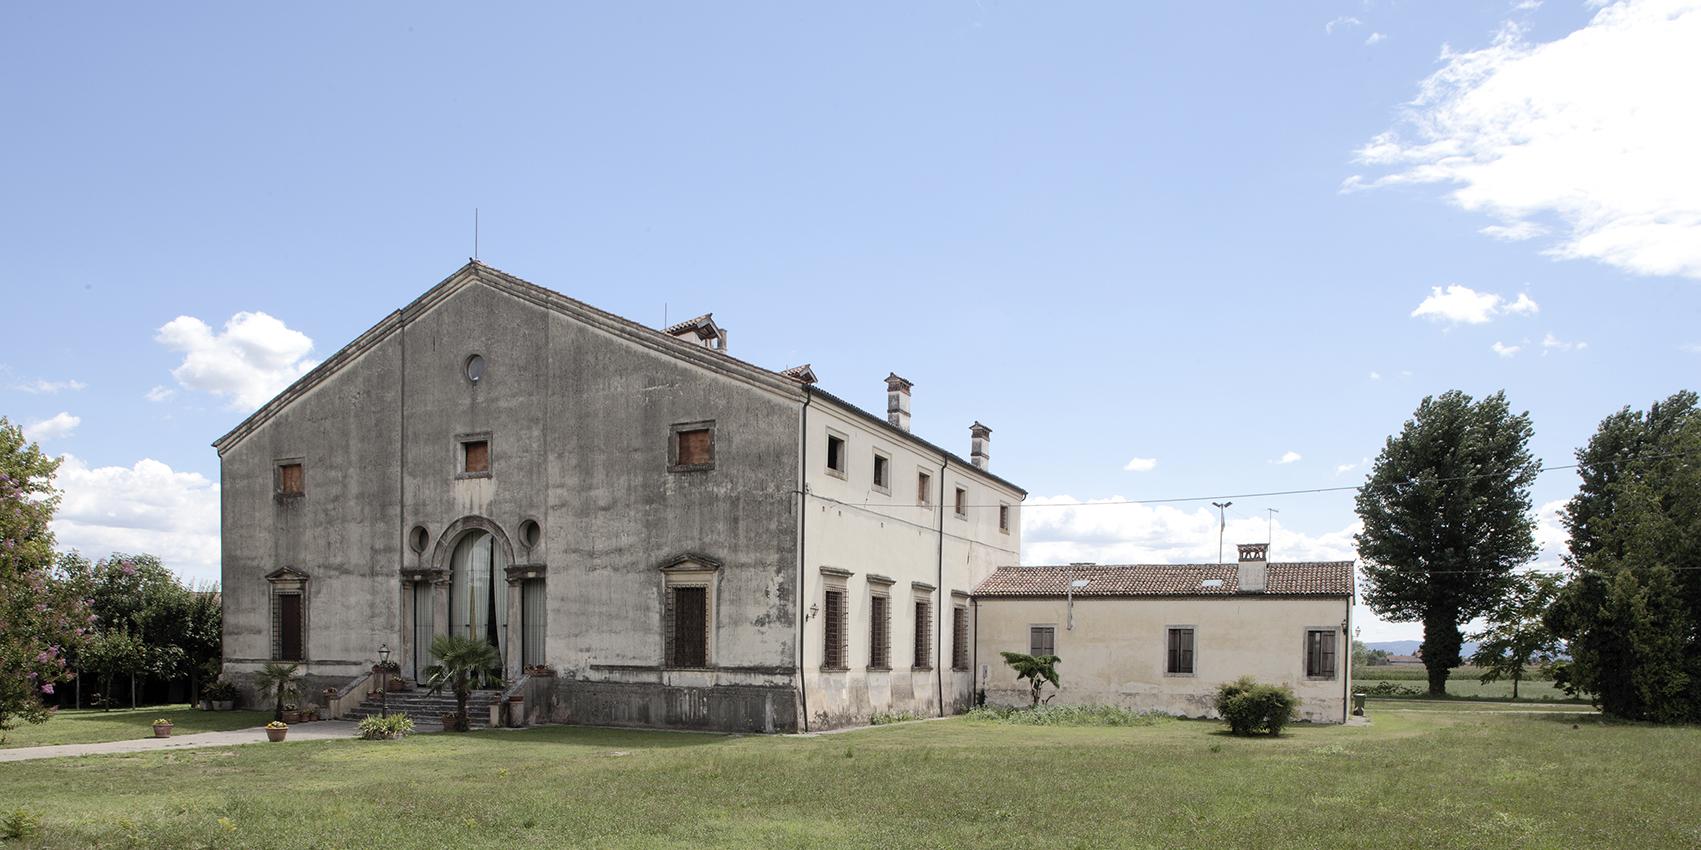 Villa Valmarana, in Vigardolo.